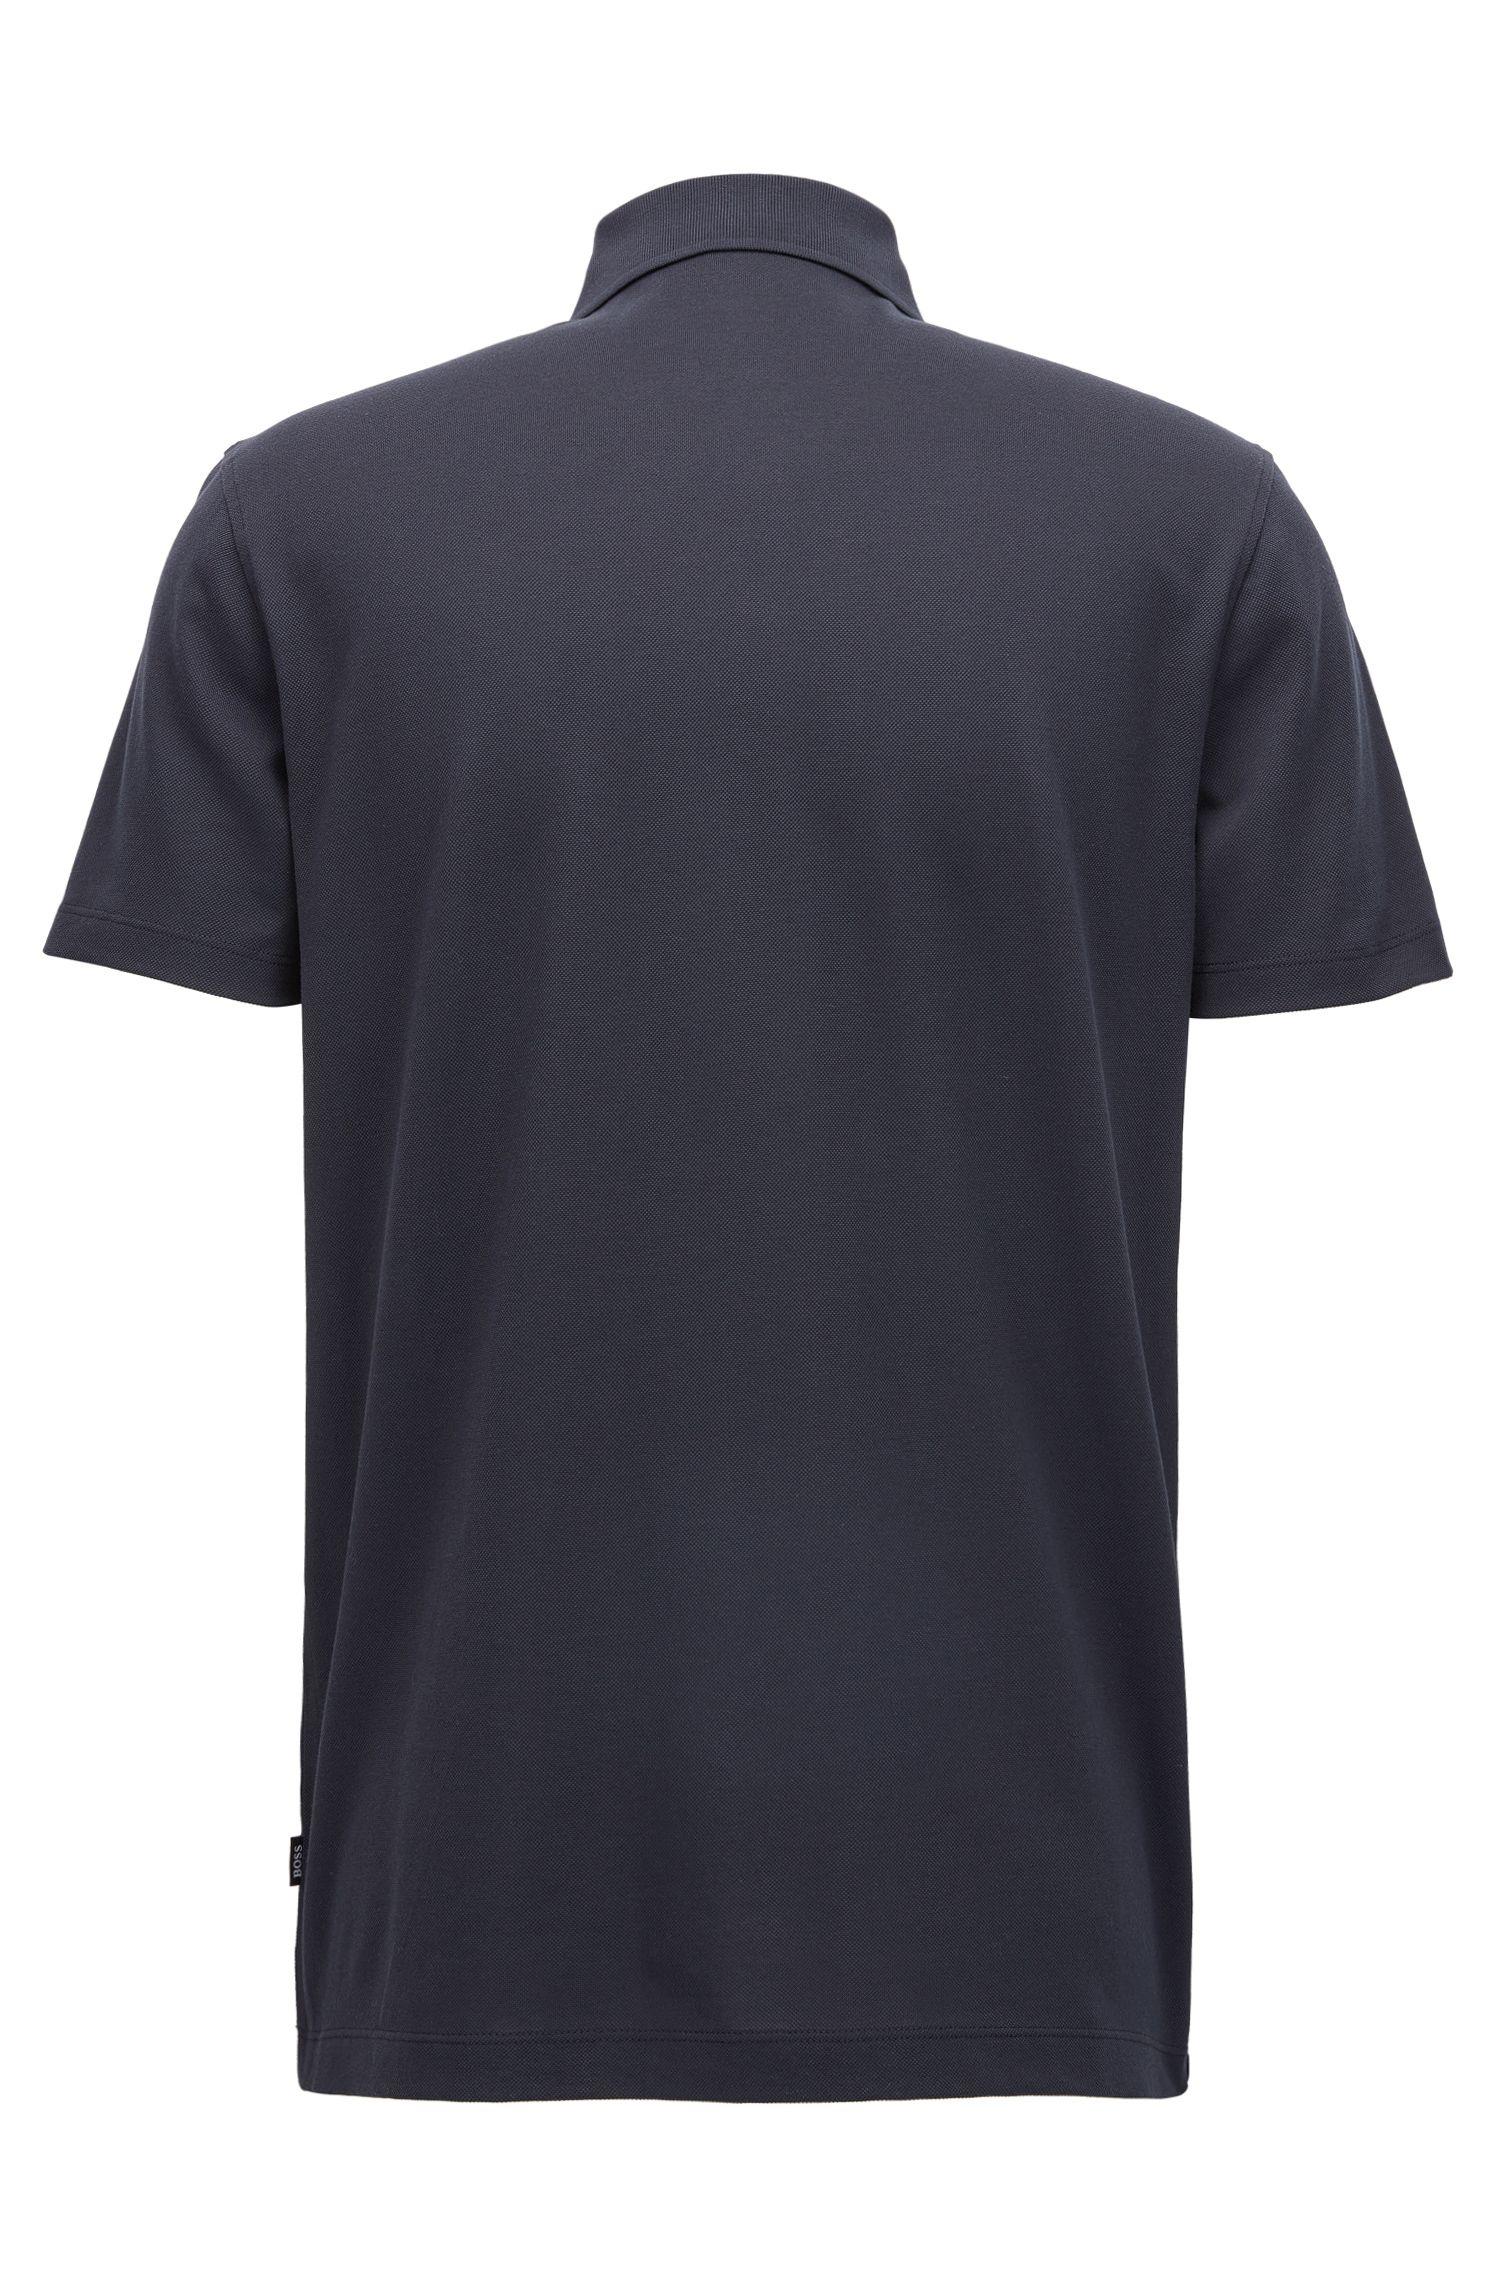 Regular-Fit Poloshirt aus merzerisiertem Baumwoll-Piqué